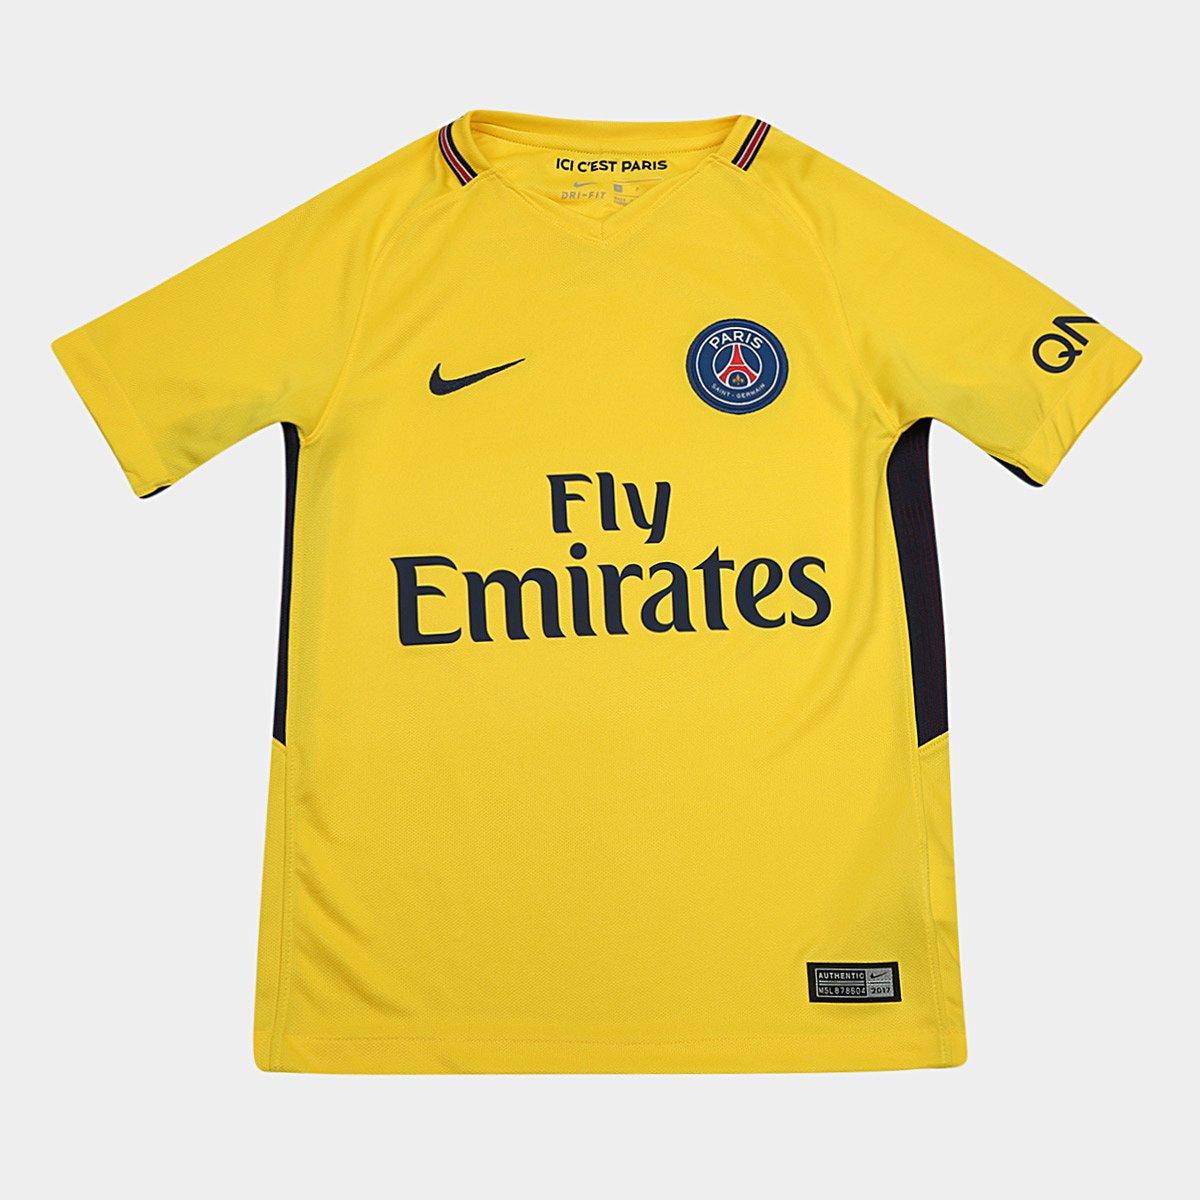 cf85a76dfb Camisa Paris Saint-Germain Infantil Away 17 18 s n° - Torcedor Nike -  Compre Agora